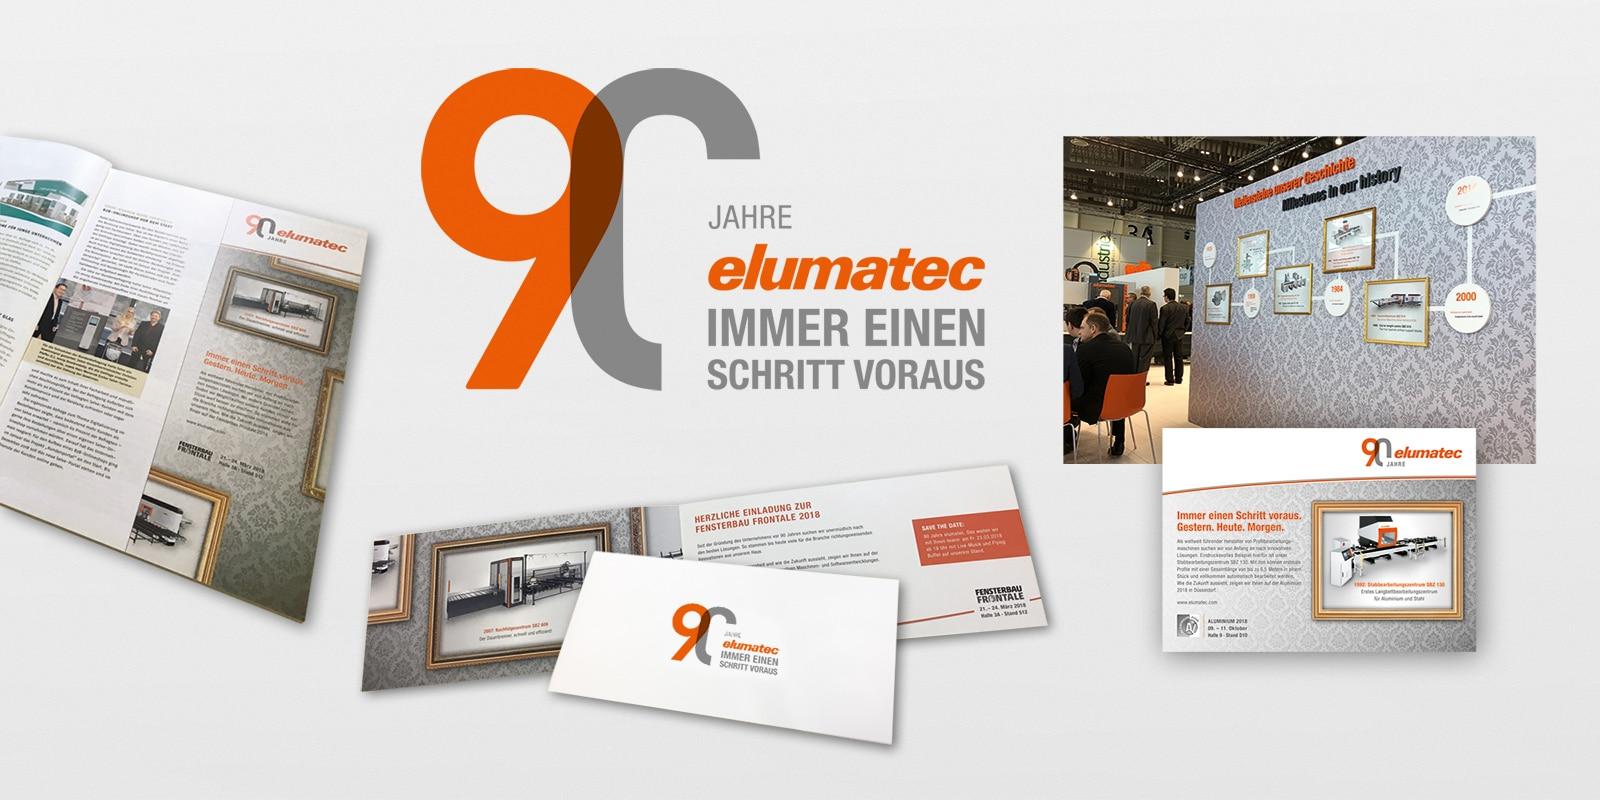 Elumtatec - 90 Jahre Kampagne